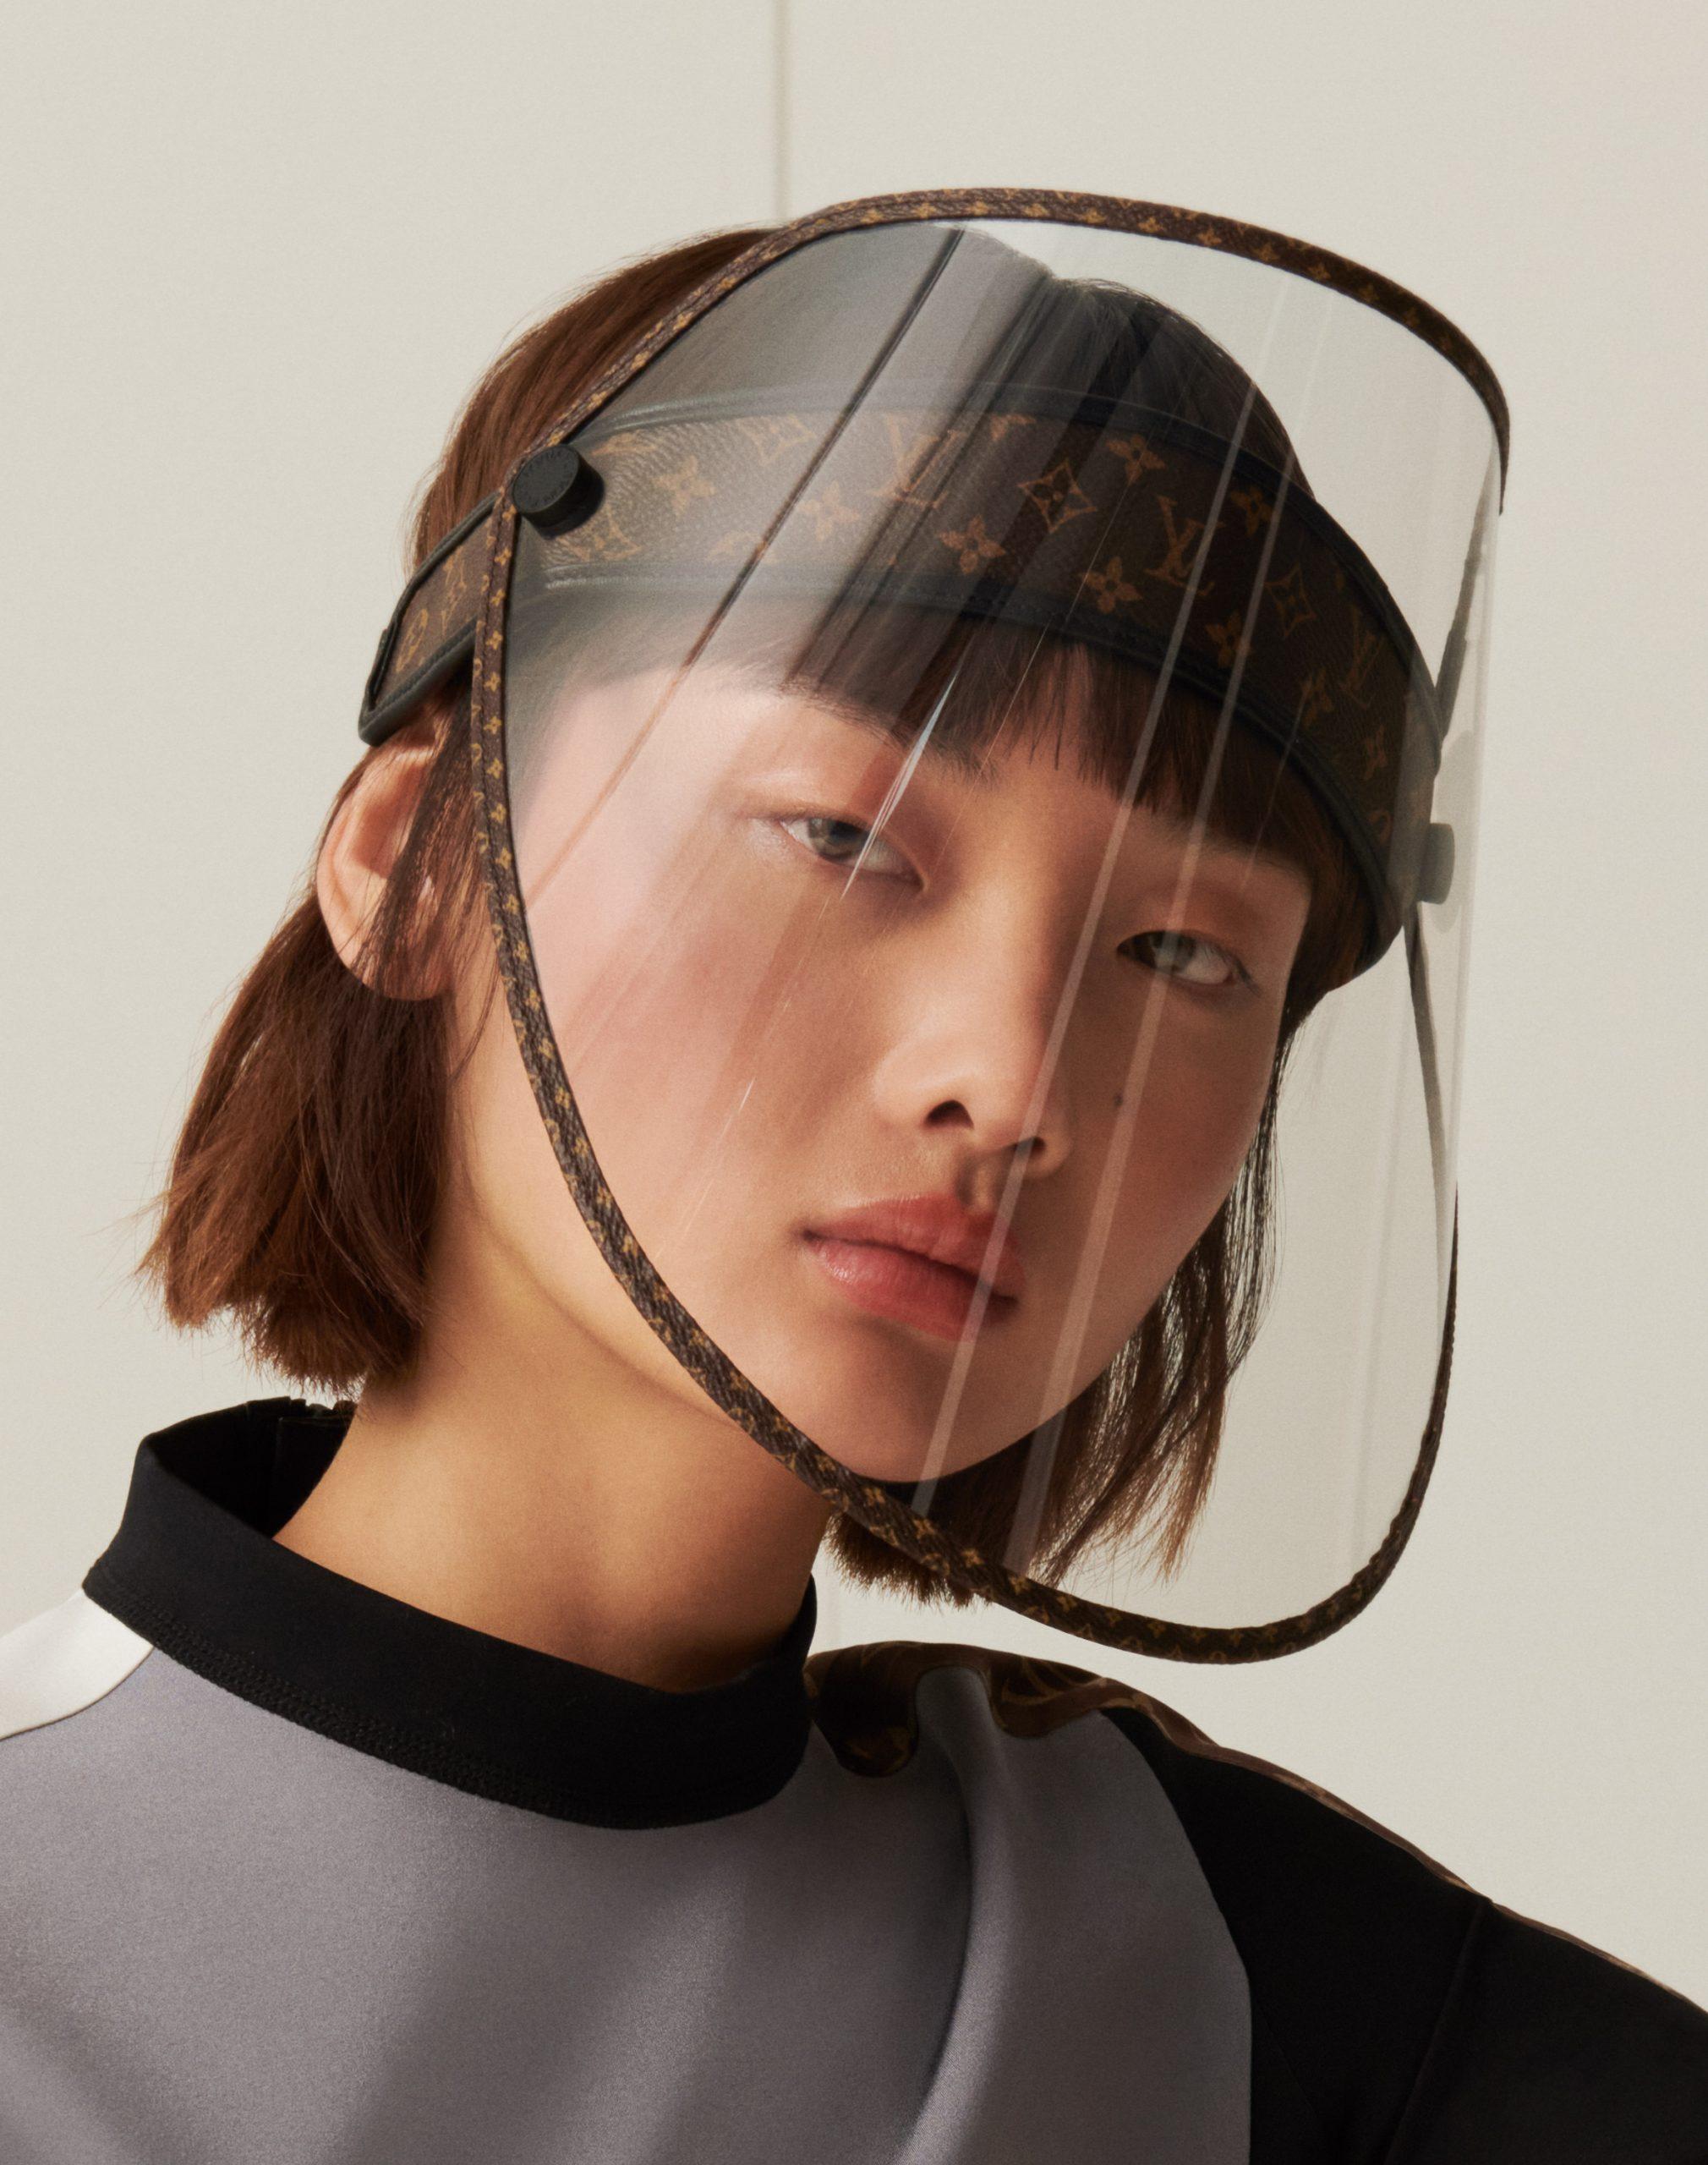 Louis Vuitton unveils face shield that doubles as a cap